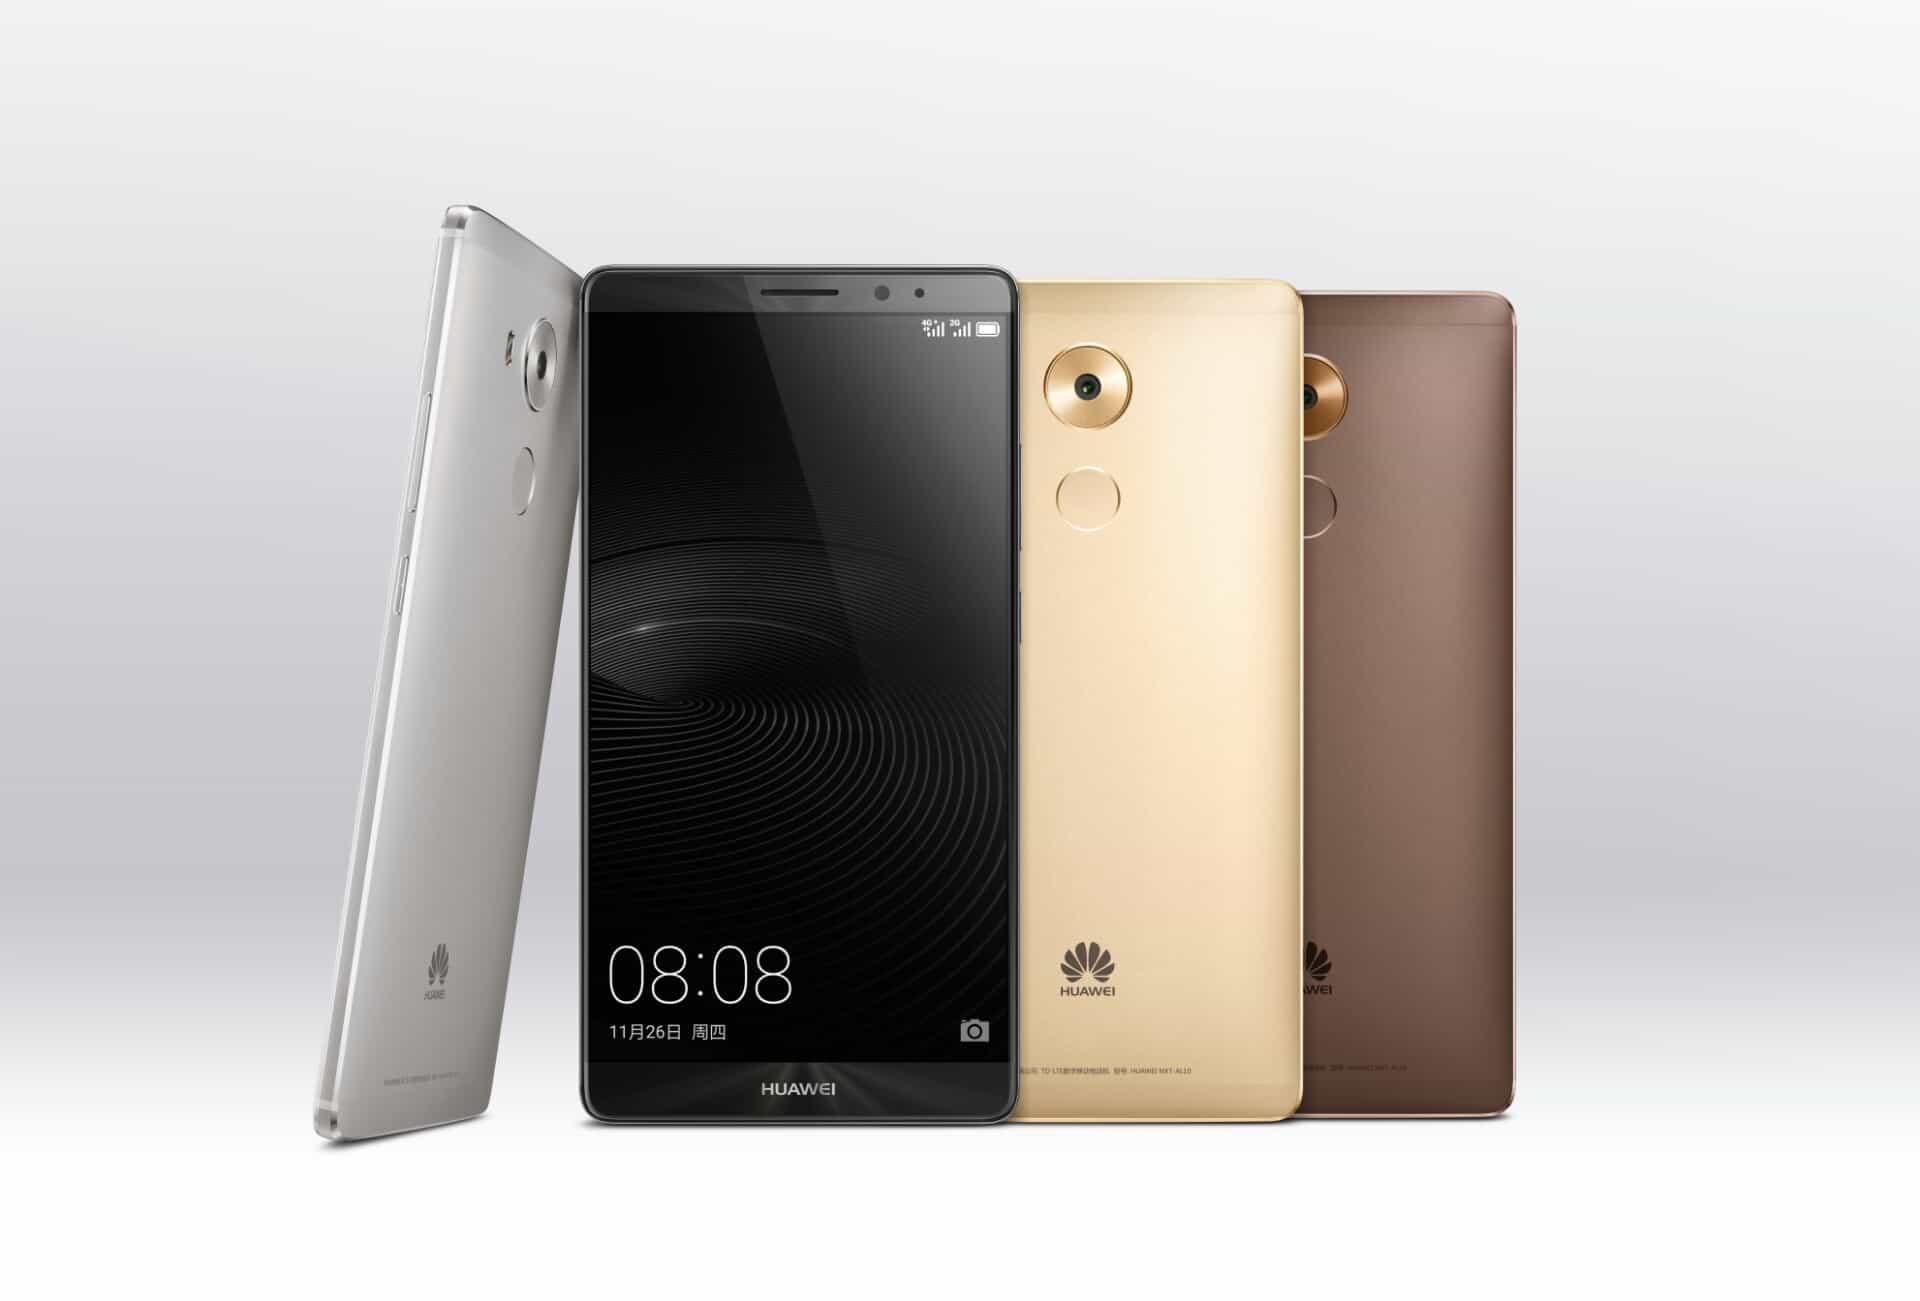 Huawei Mate 8 11